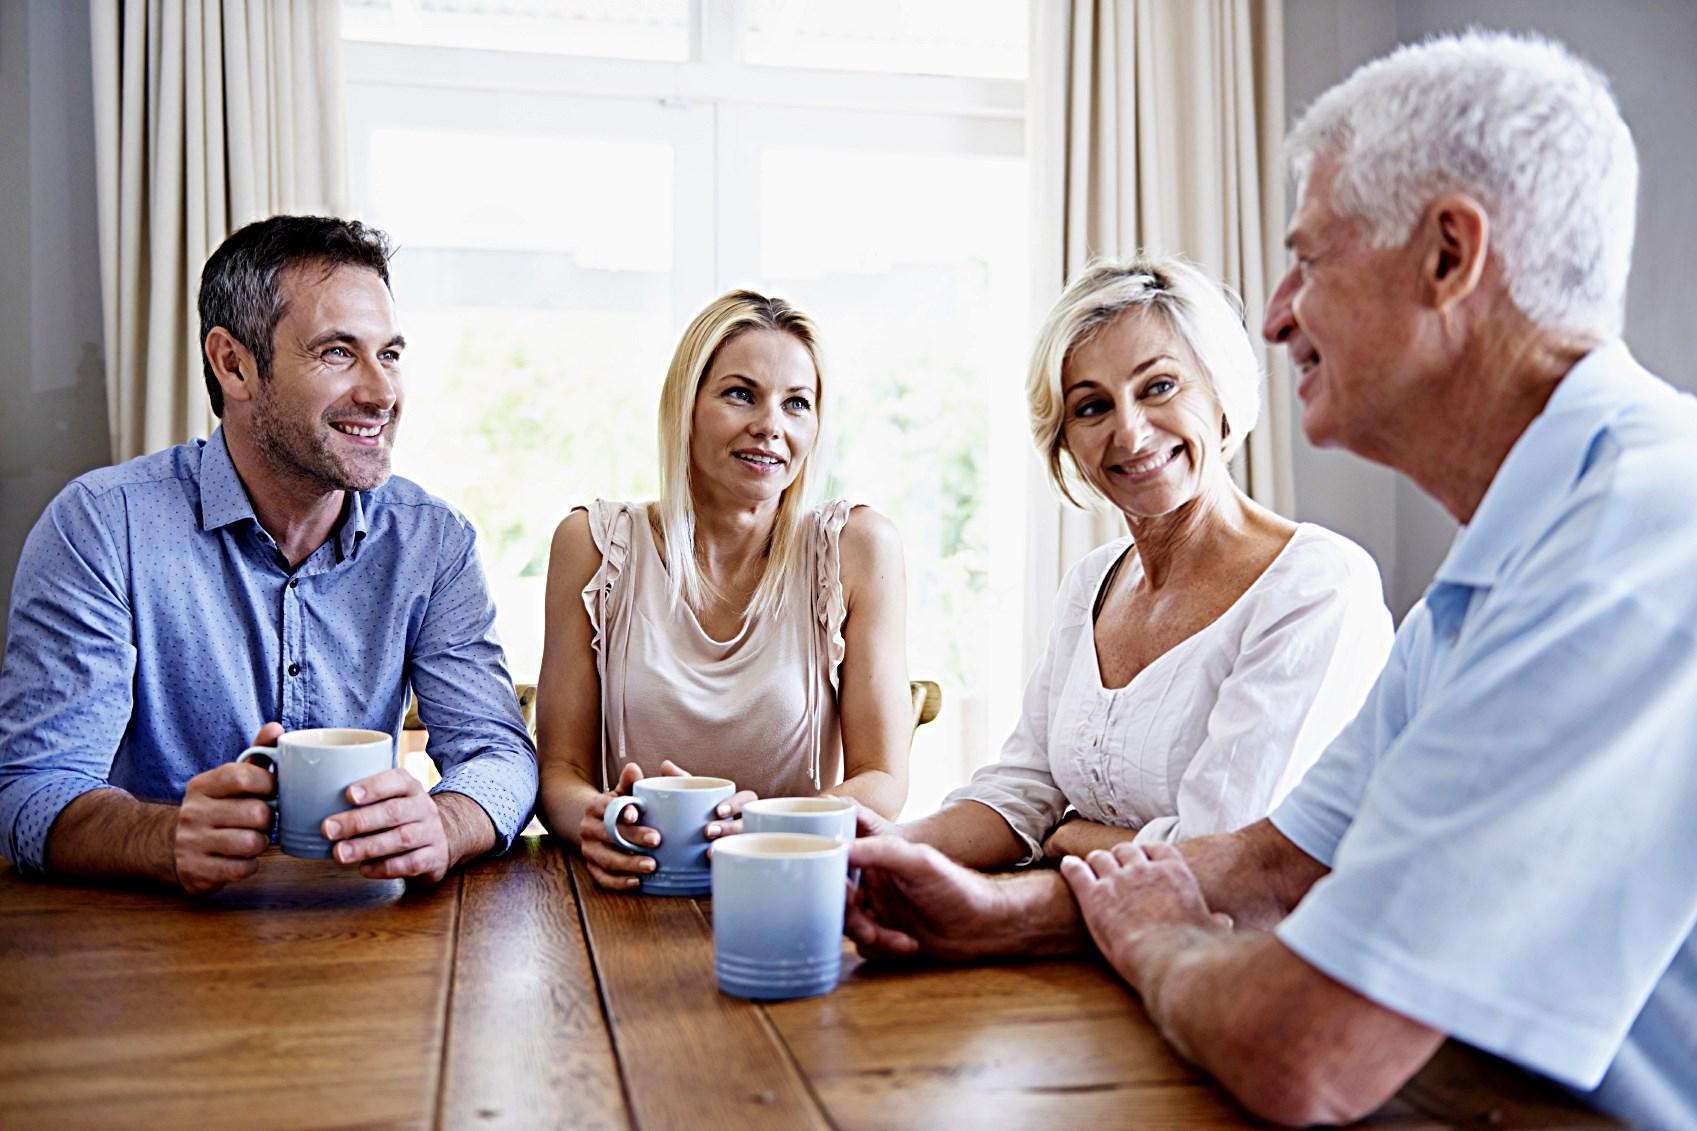 Family Meeting - Disin...